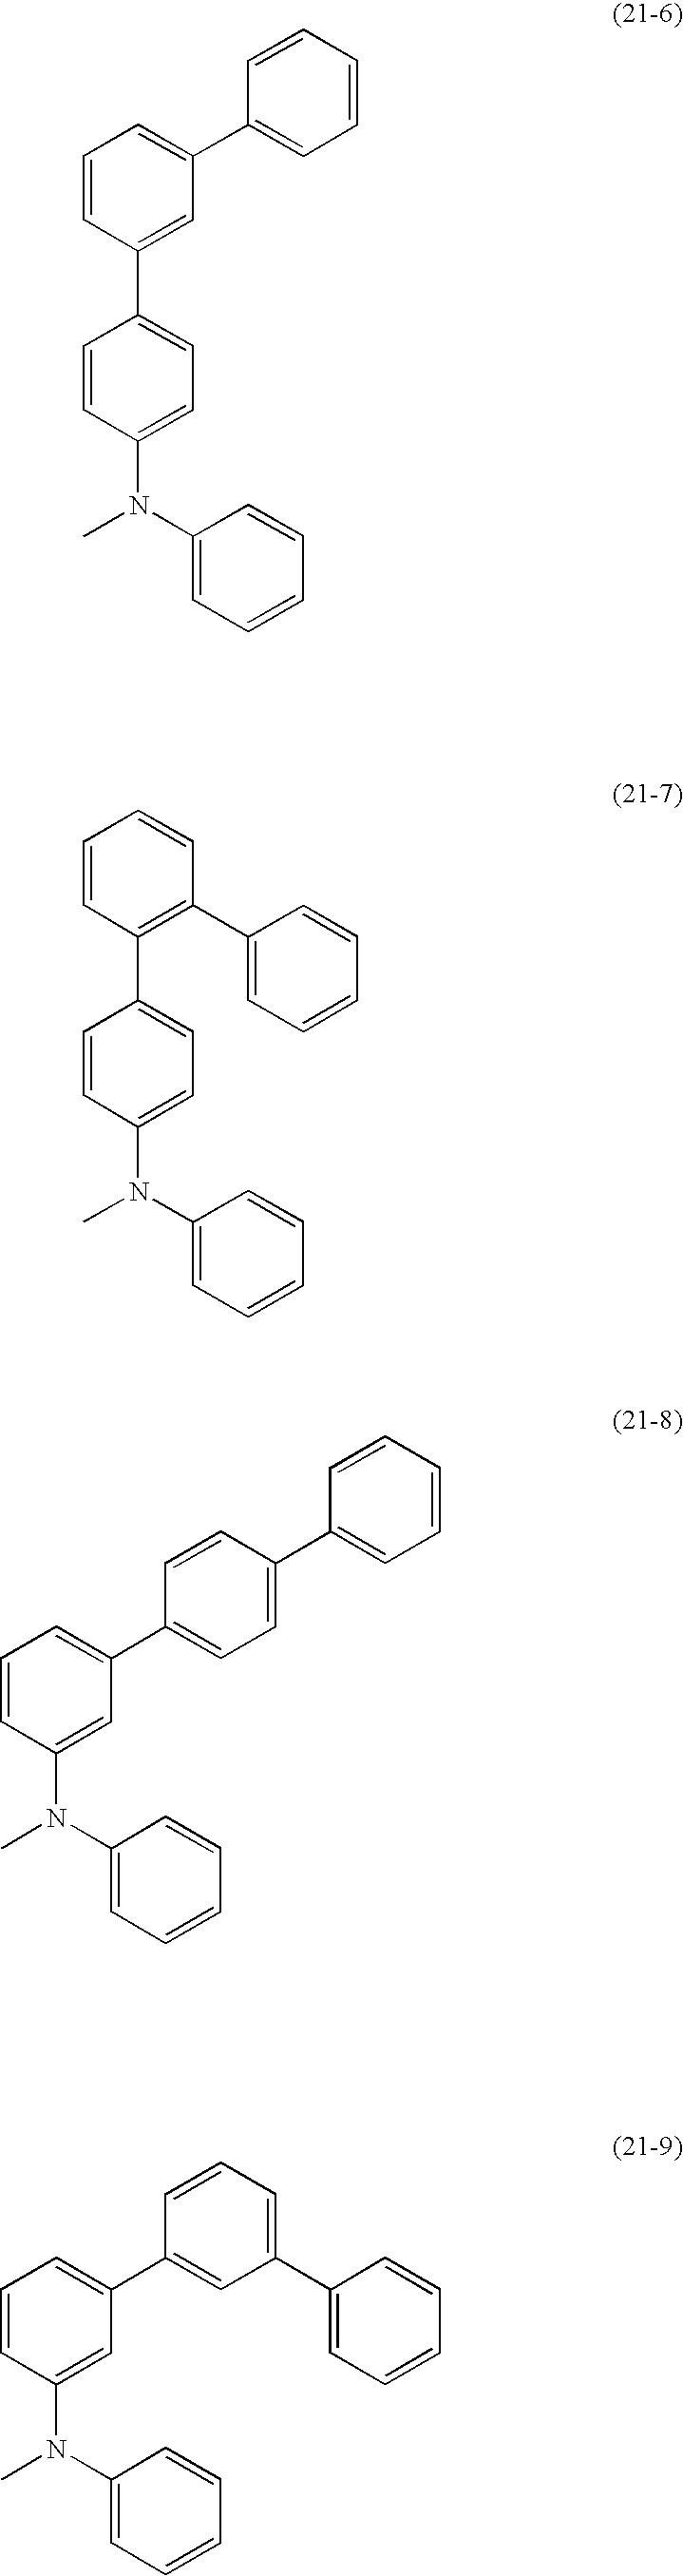 Figure US08178216-20120515-C00018